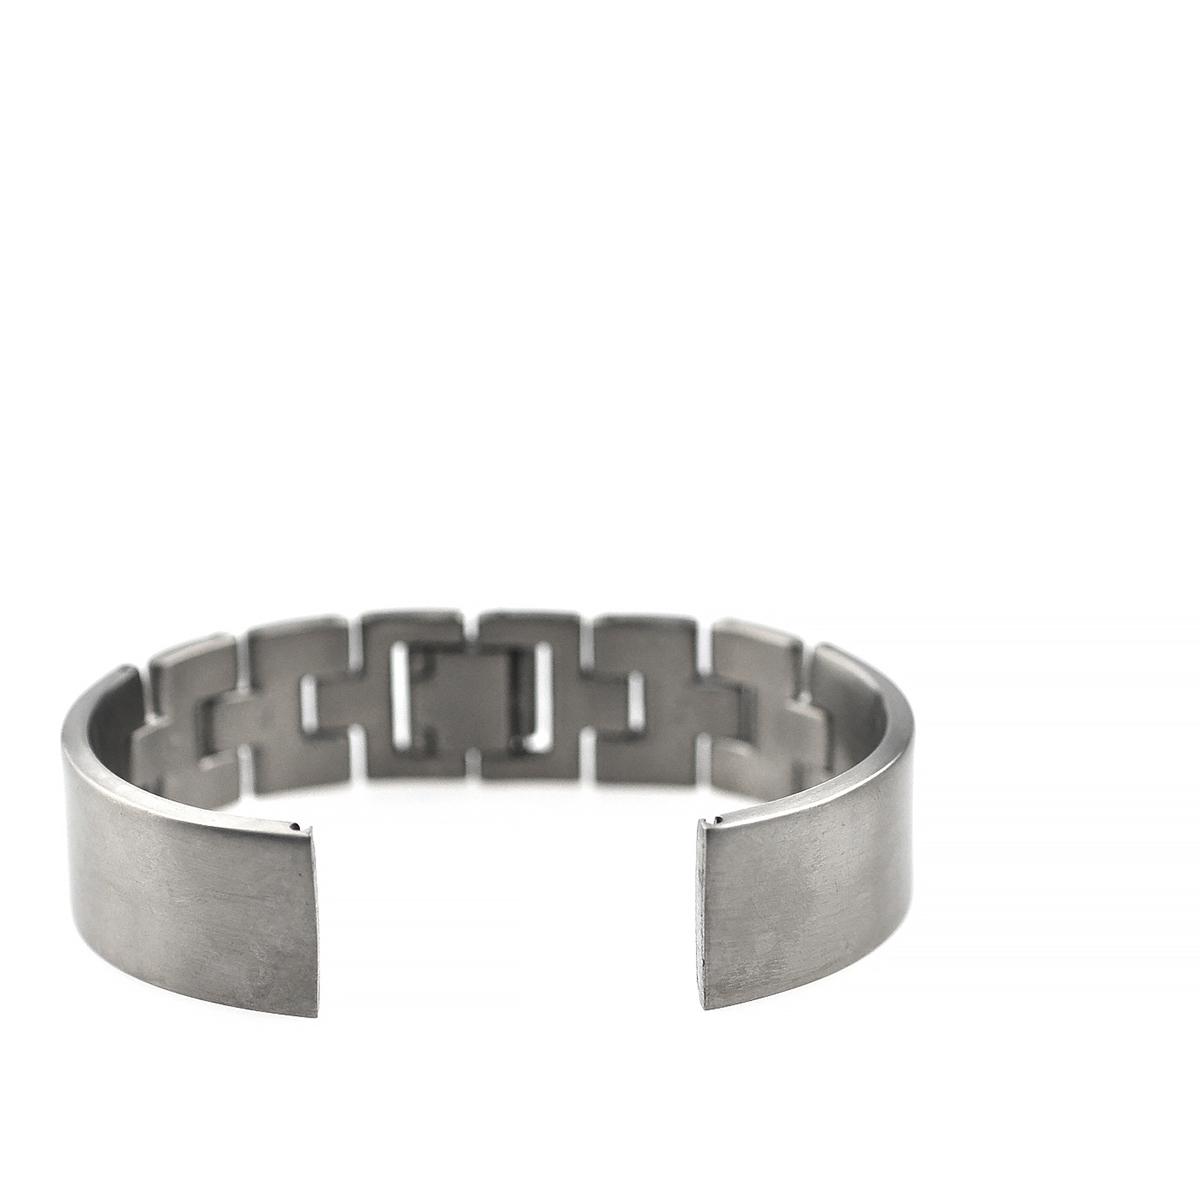 腕時計ベルト 腕時計バンド 替えストラップ 社外品 汎用チタンベルト 取付幅16/19mm (尾錠)バックル付き [ Eight - ETB021 ]